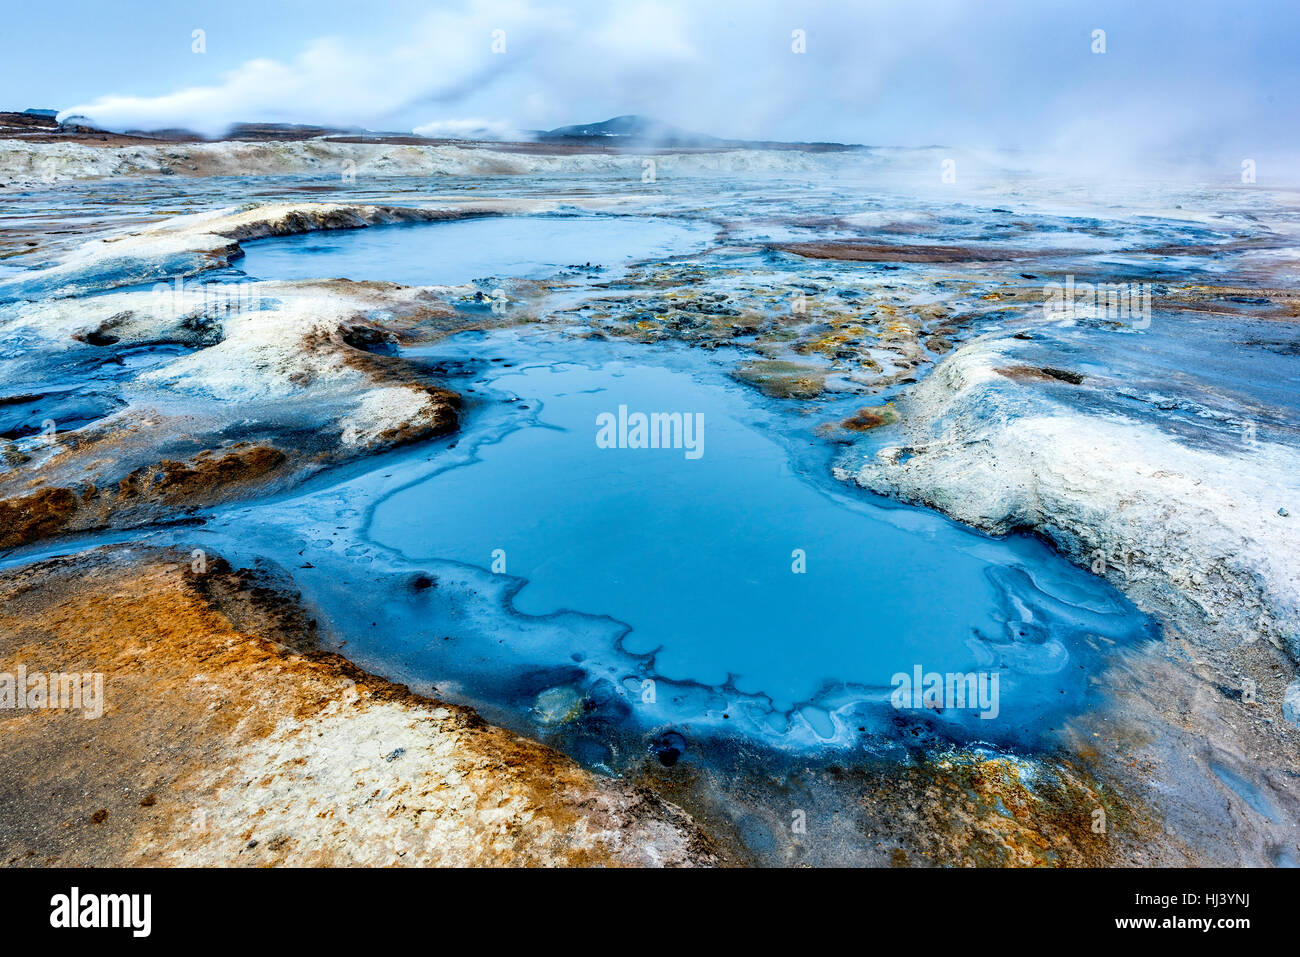 Vapeur naturelle passant de cheminées volcaniques dans la terre à Hverir en Islande près du lac Myvatn Photo Stock